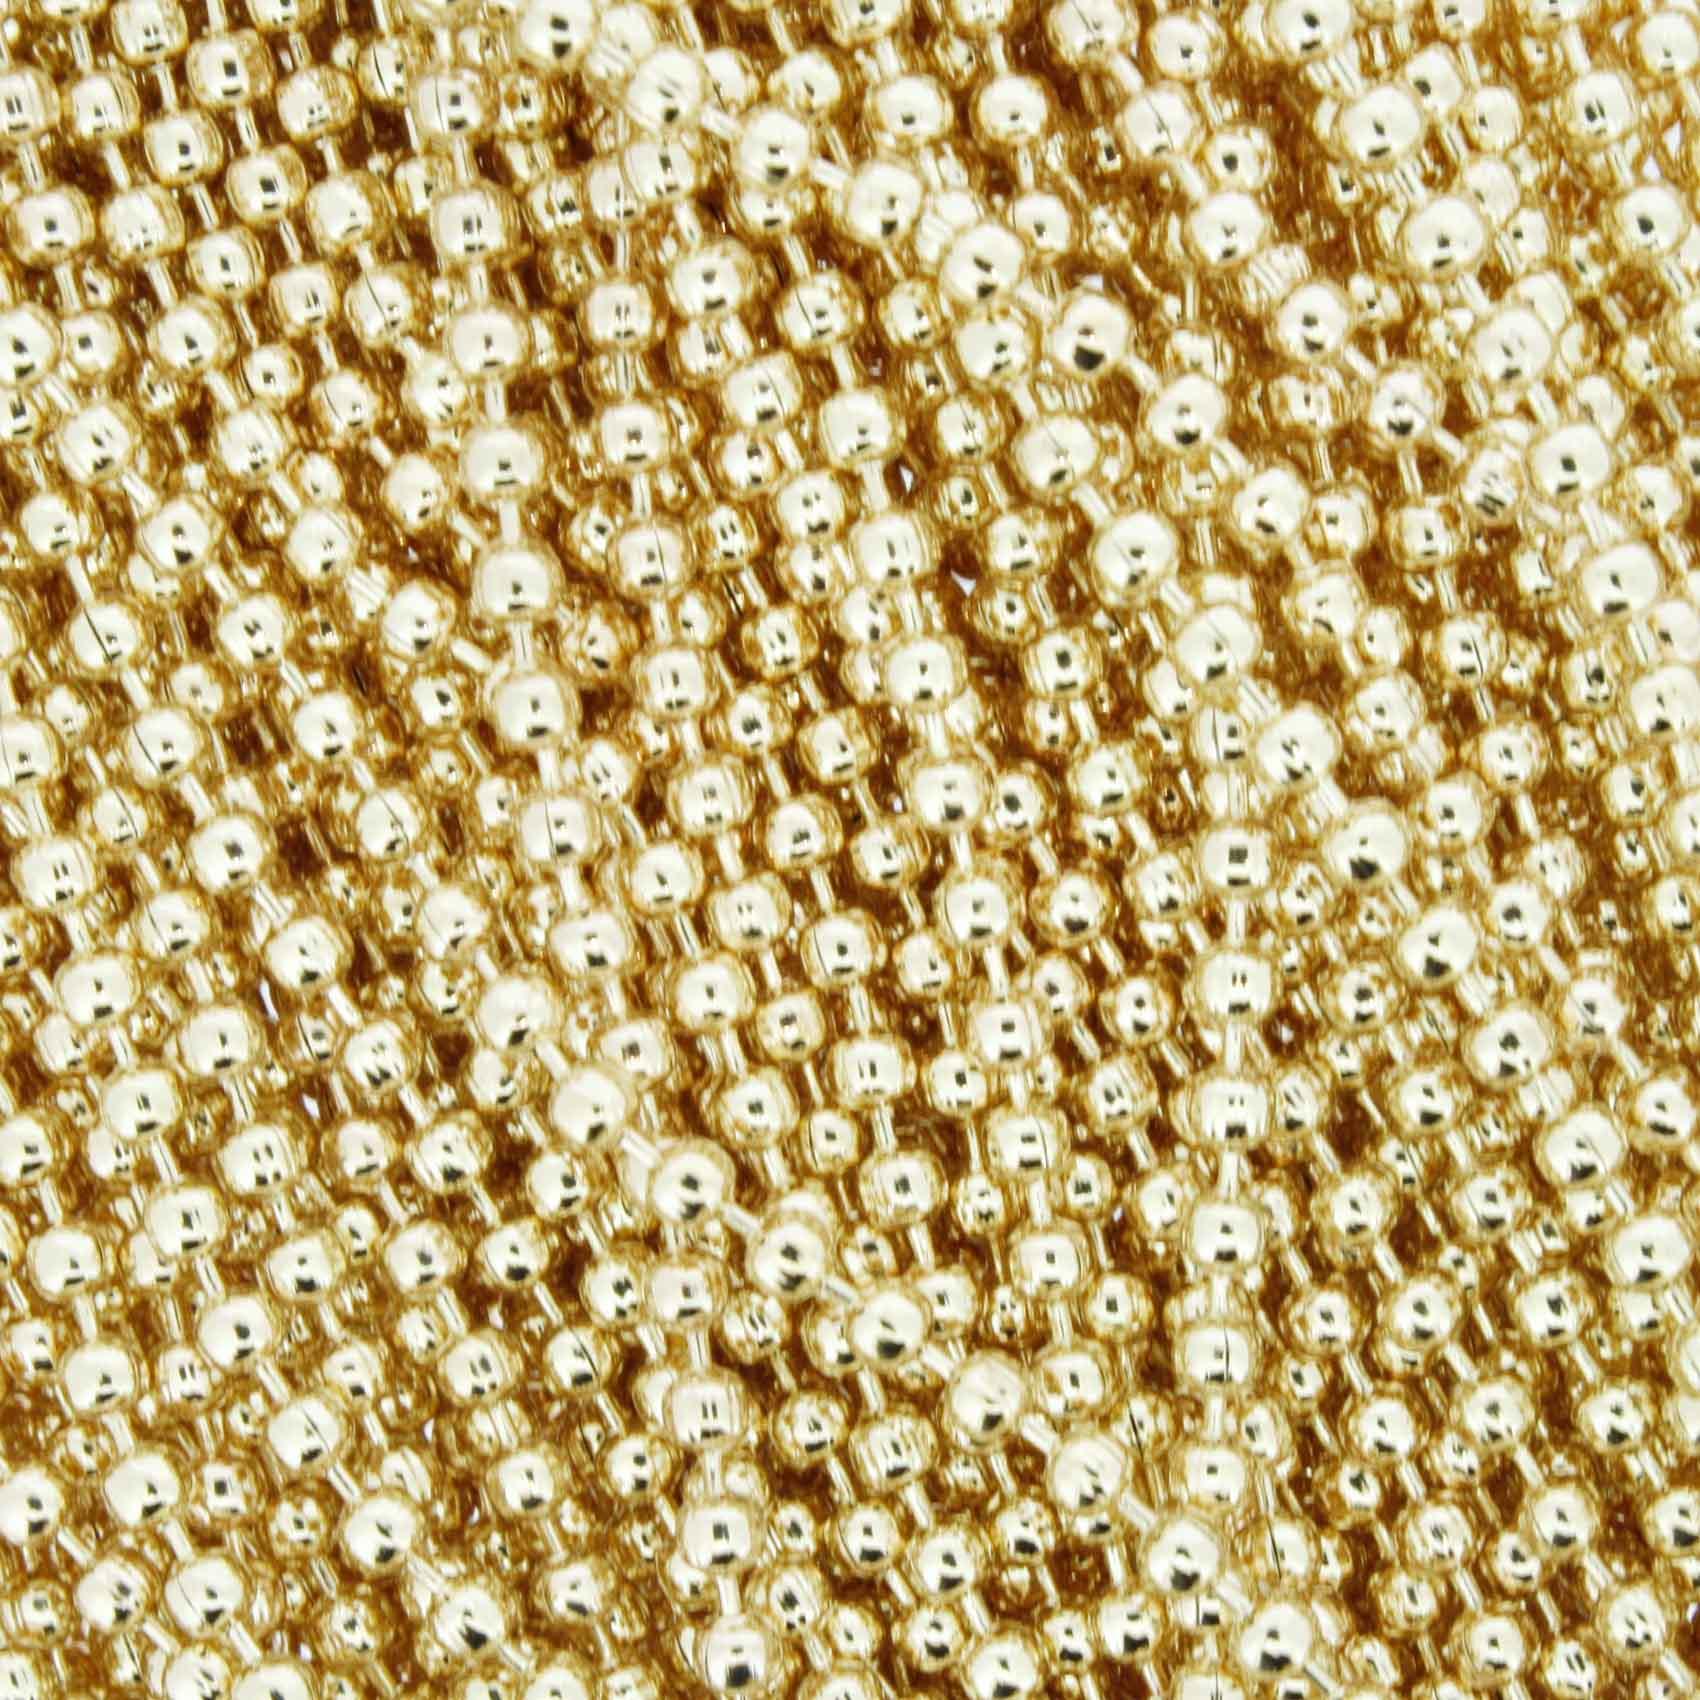 Corrente de Bolinha - 2,4mm - Dourada  - Stéphanie Bijoux® - Peças para Bijuterias e Artesanato